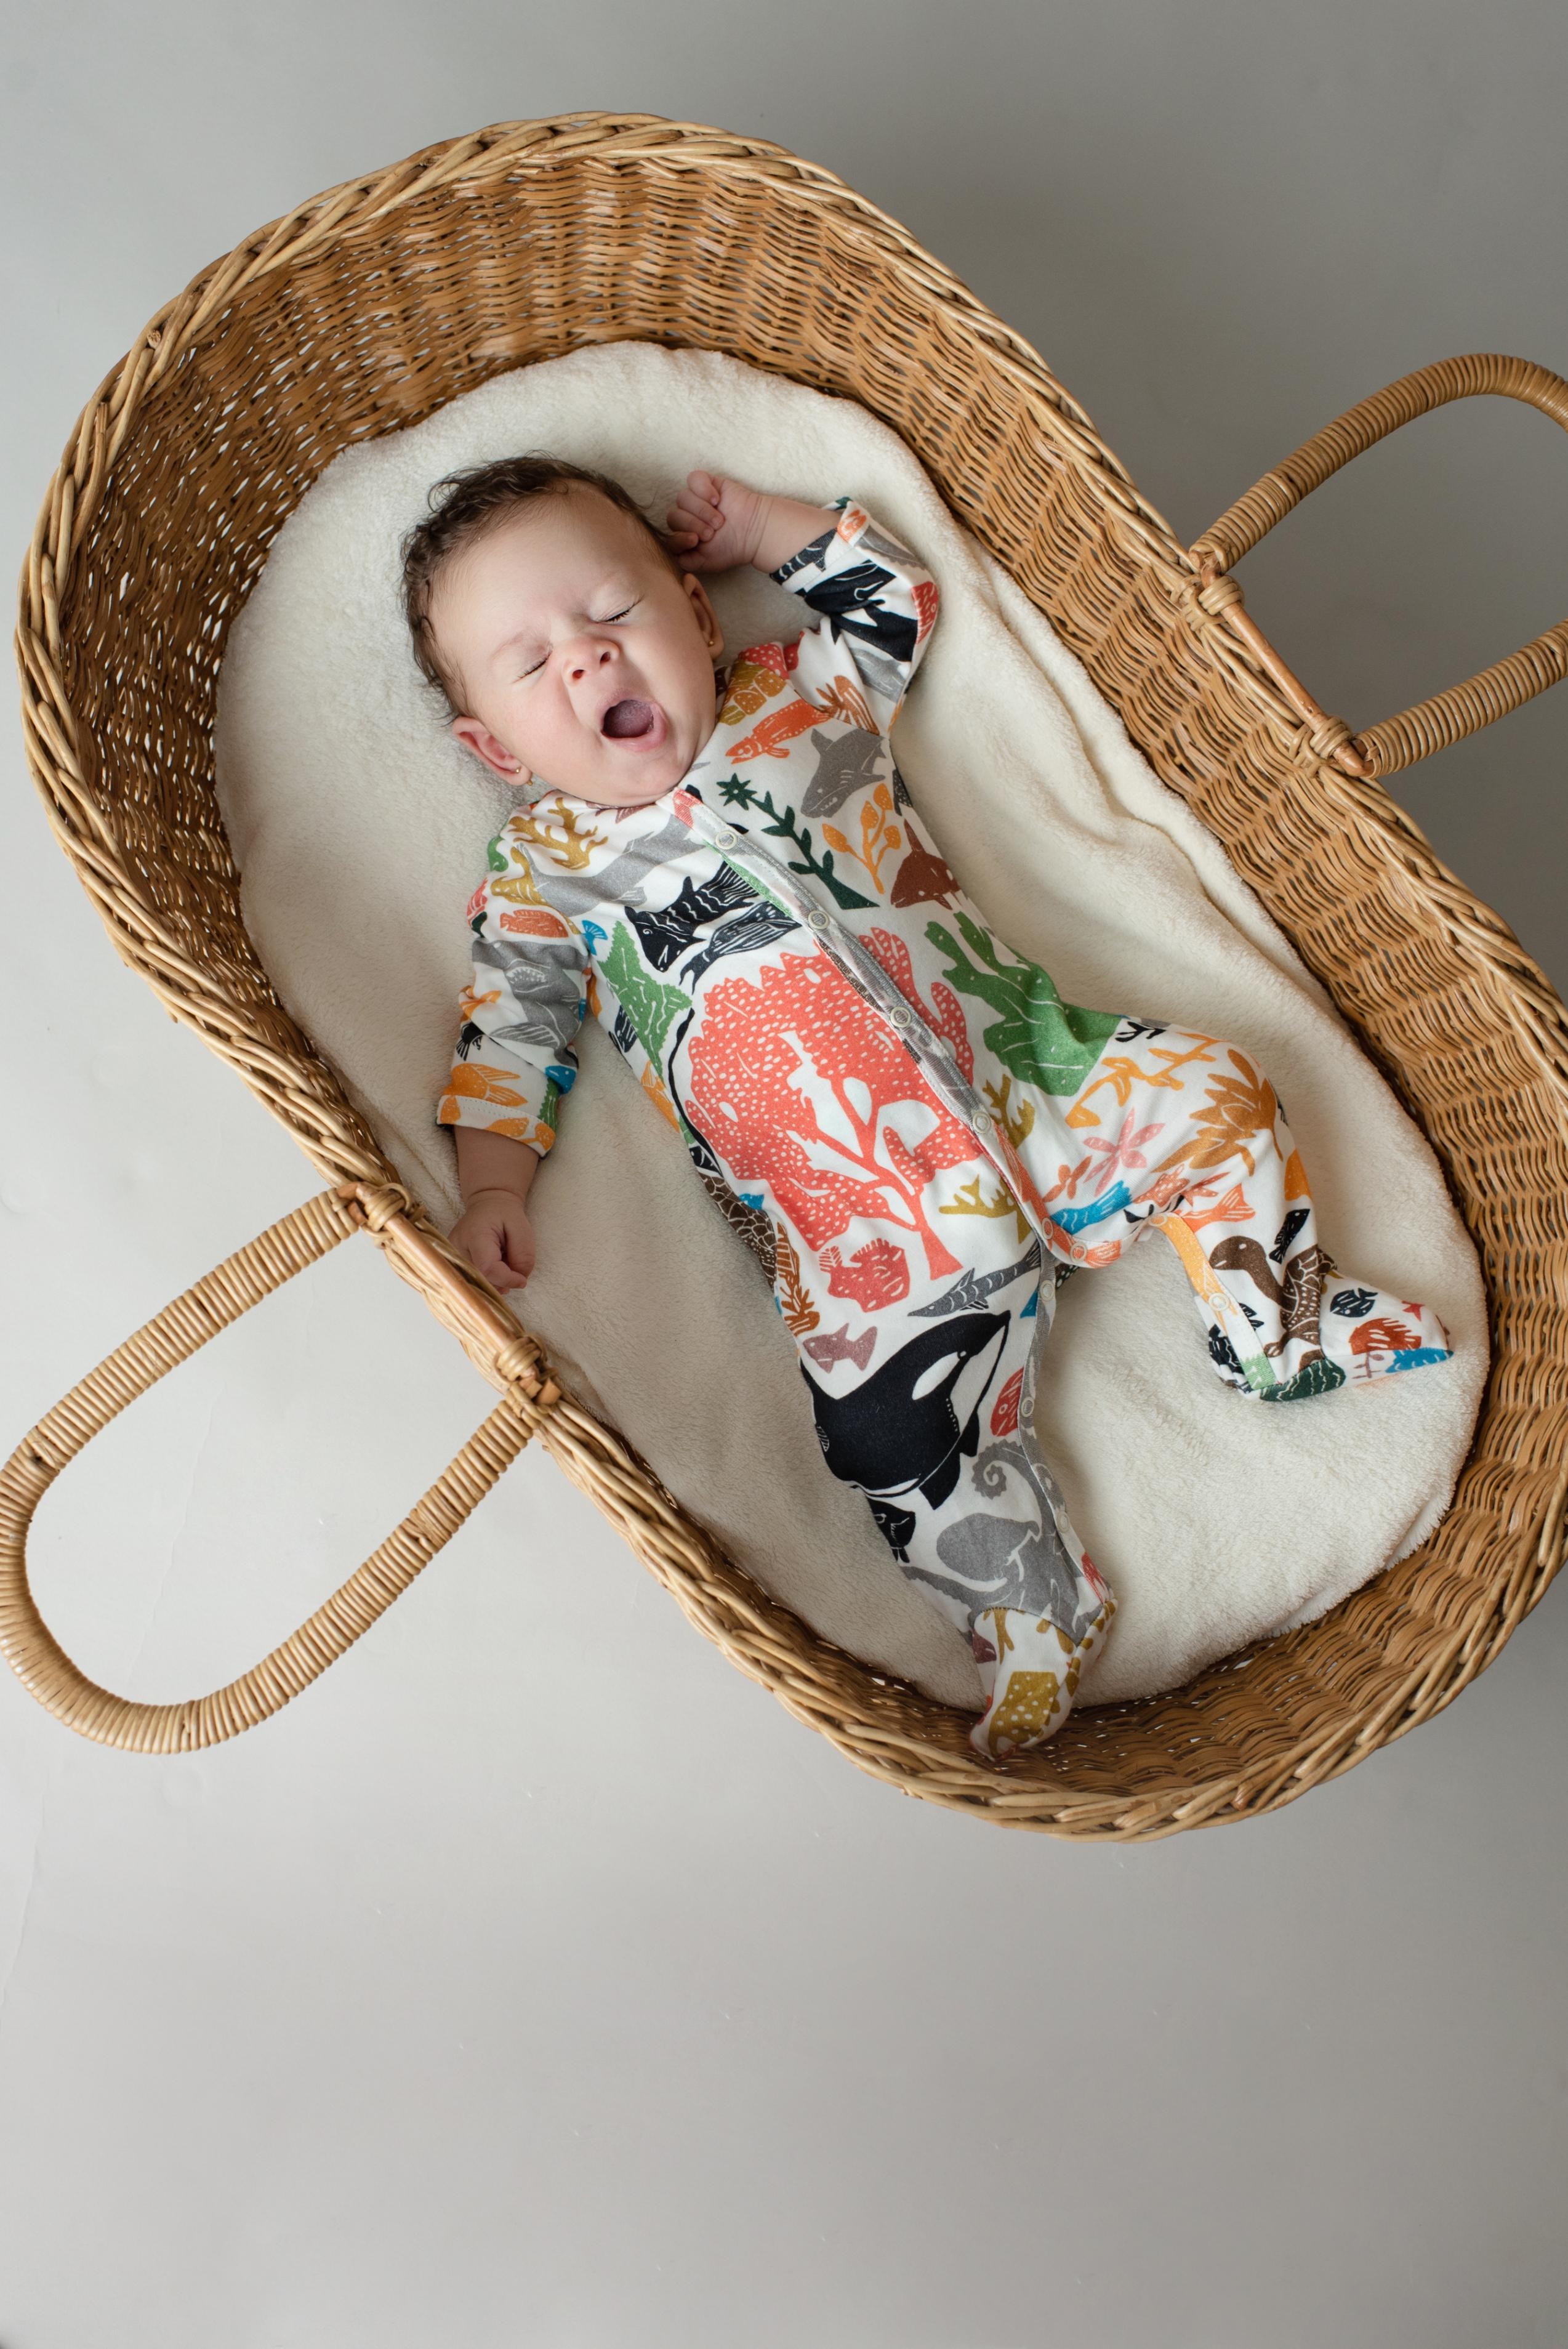 Timirim, moda ética para bebês, feita no Brasil, com sotaque francês. Coleção Oceanos // Ethical fashion for babies